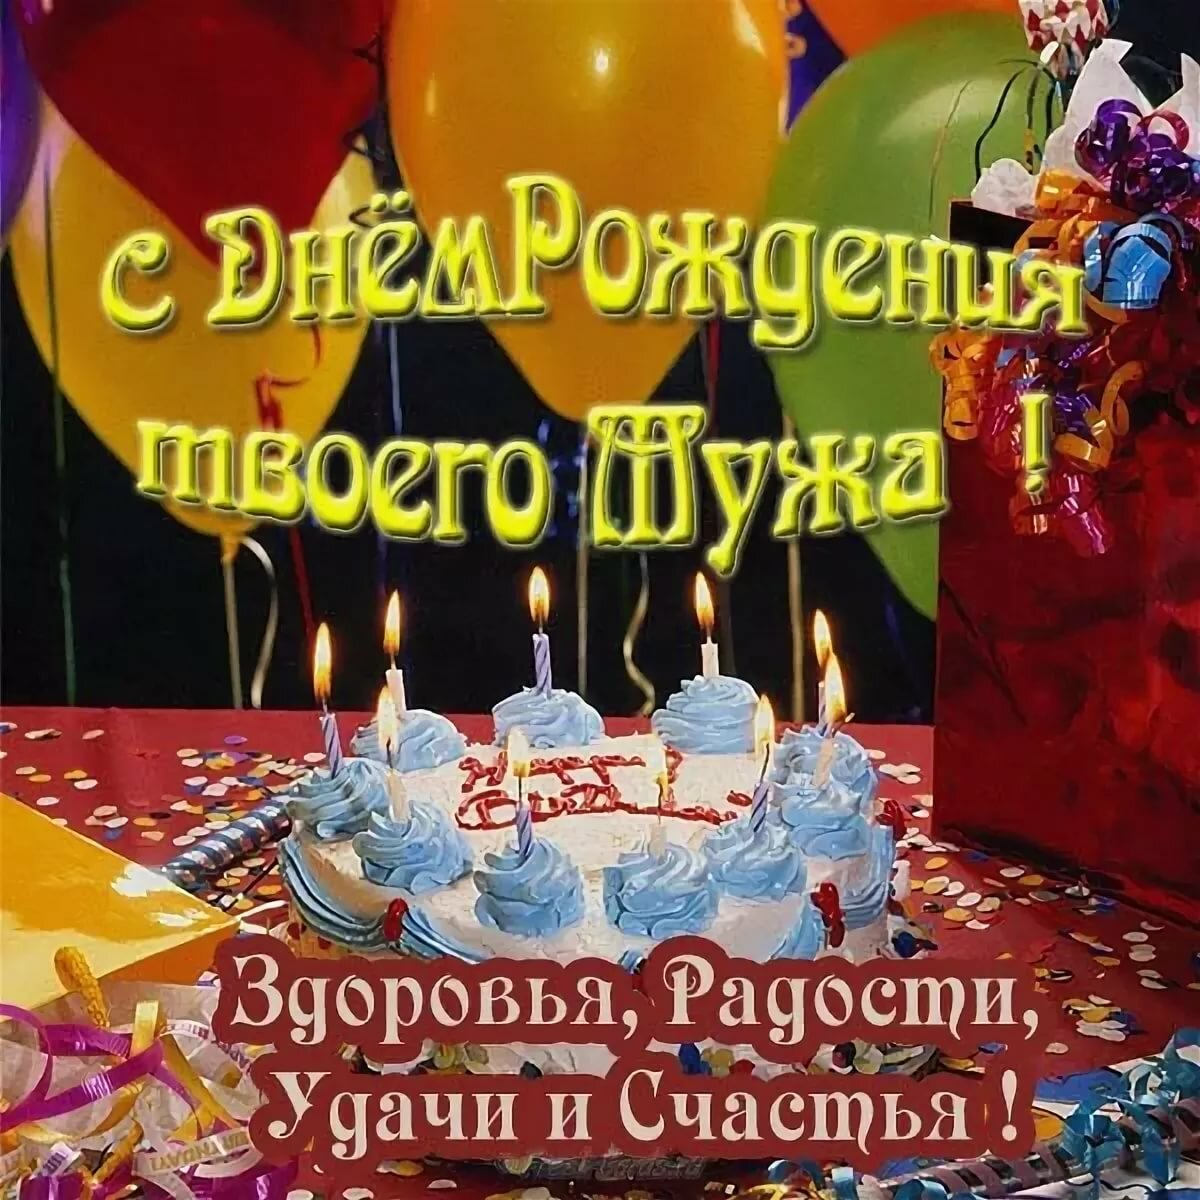 Поздравление с днем рождения в прозе для мужа подруги